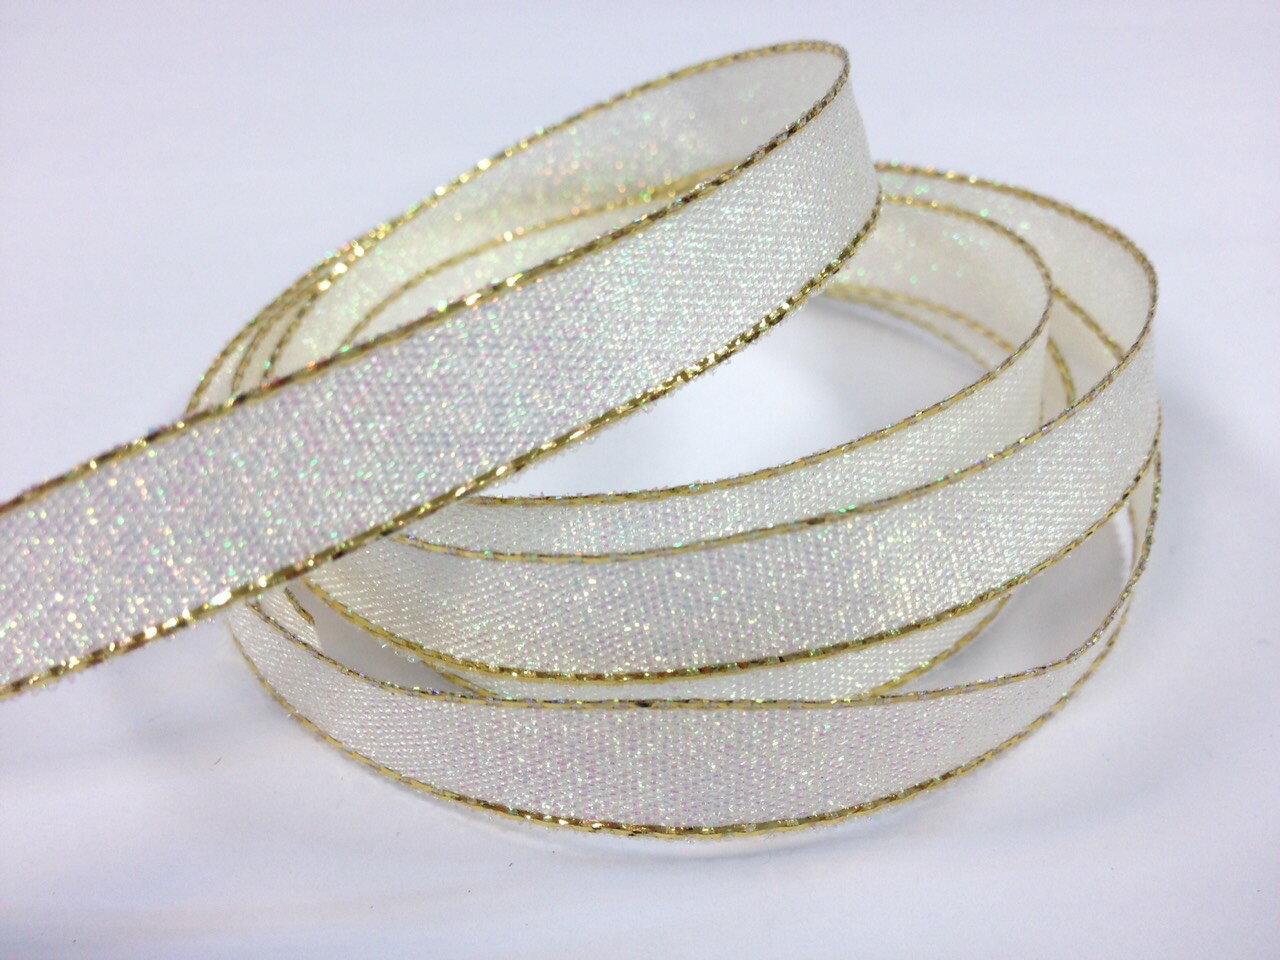 彩色金蔥鐵絲緞帶3mm、6mm、10mm 3碼 (10色) 3